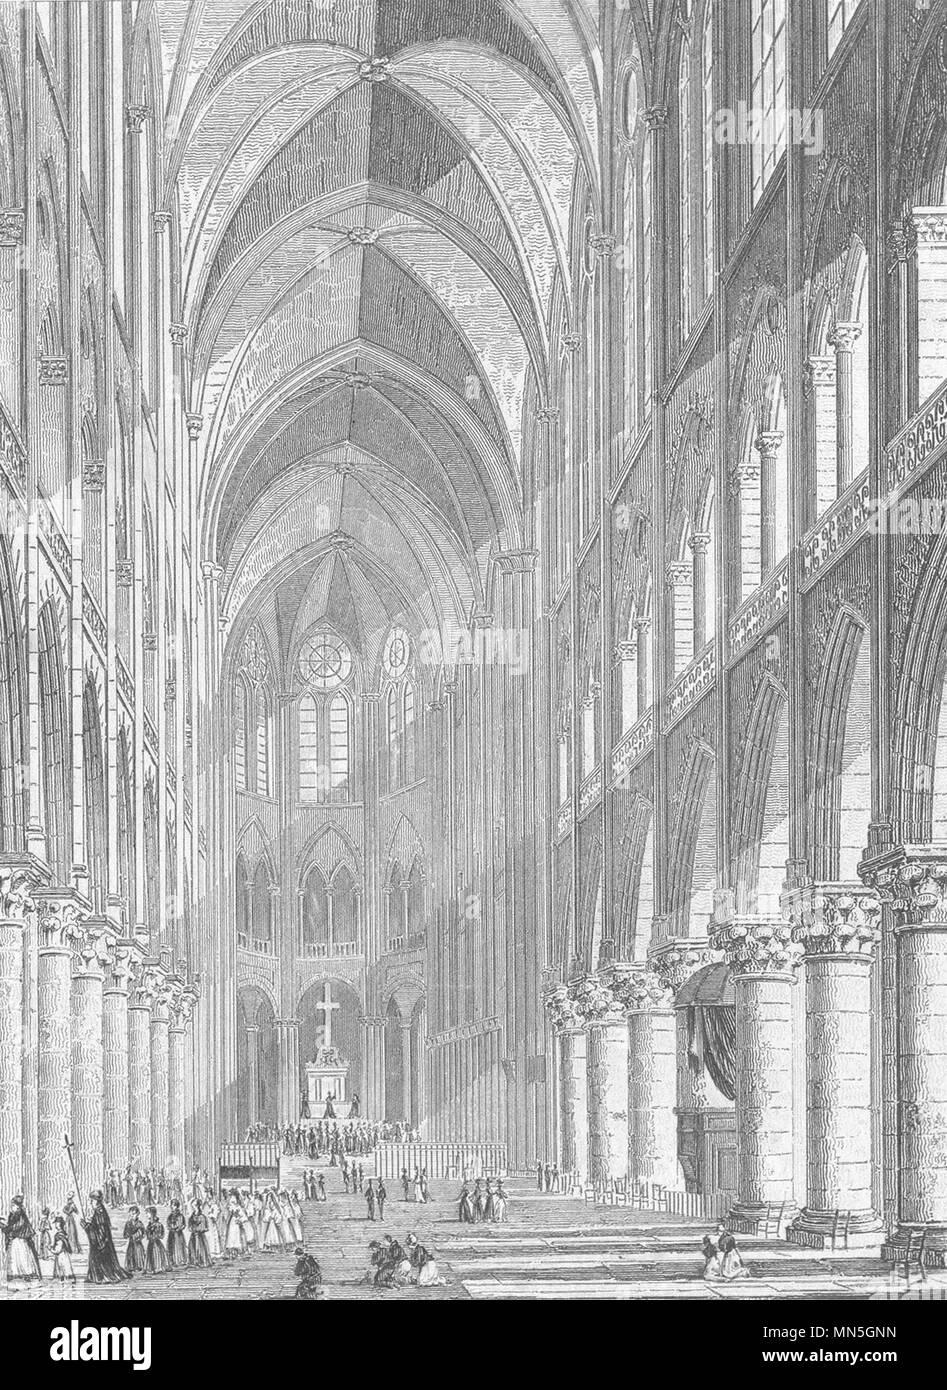 PARIS. Interieur de la Chapelle Val de Grace 1831 alte antike Bild drucken Stockbild